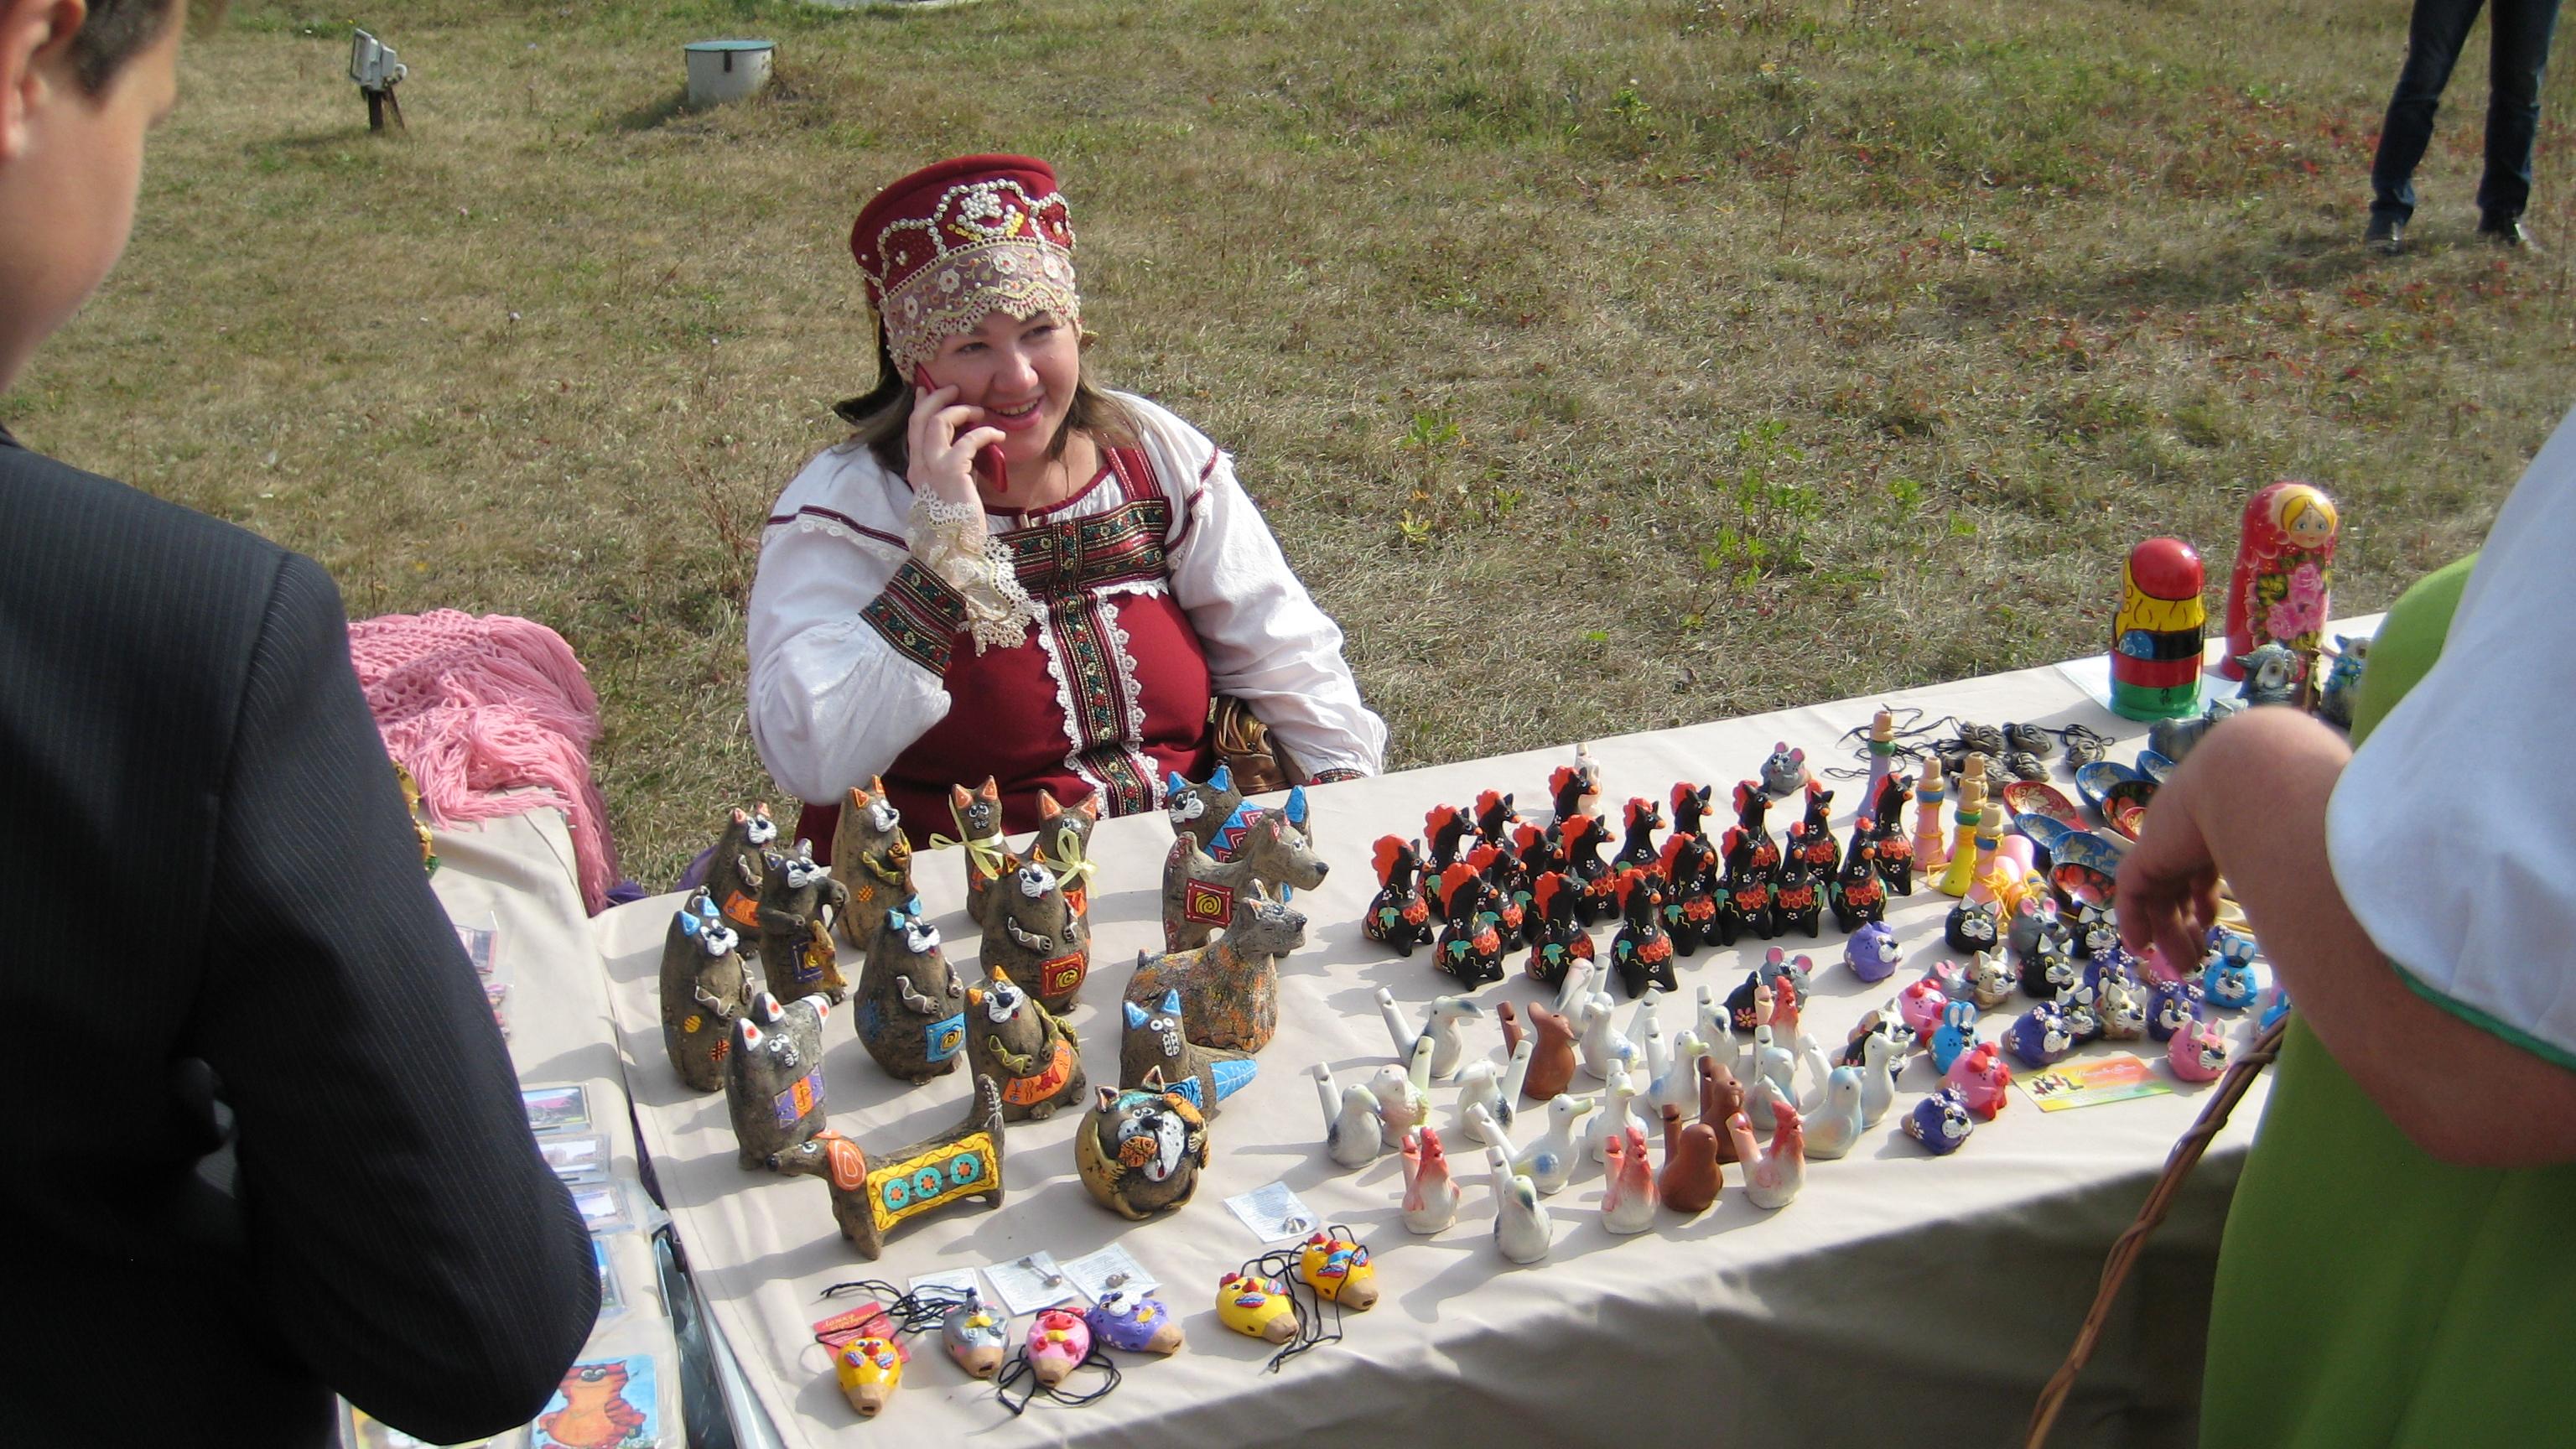 19 августа 2018 года на территории  музея-заповедника «Тарханы» пройдет ярмарка с играми и забавами,  мастер-классами, выступлениями фольклорных коллективов и торговлей